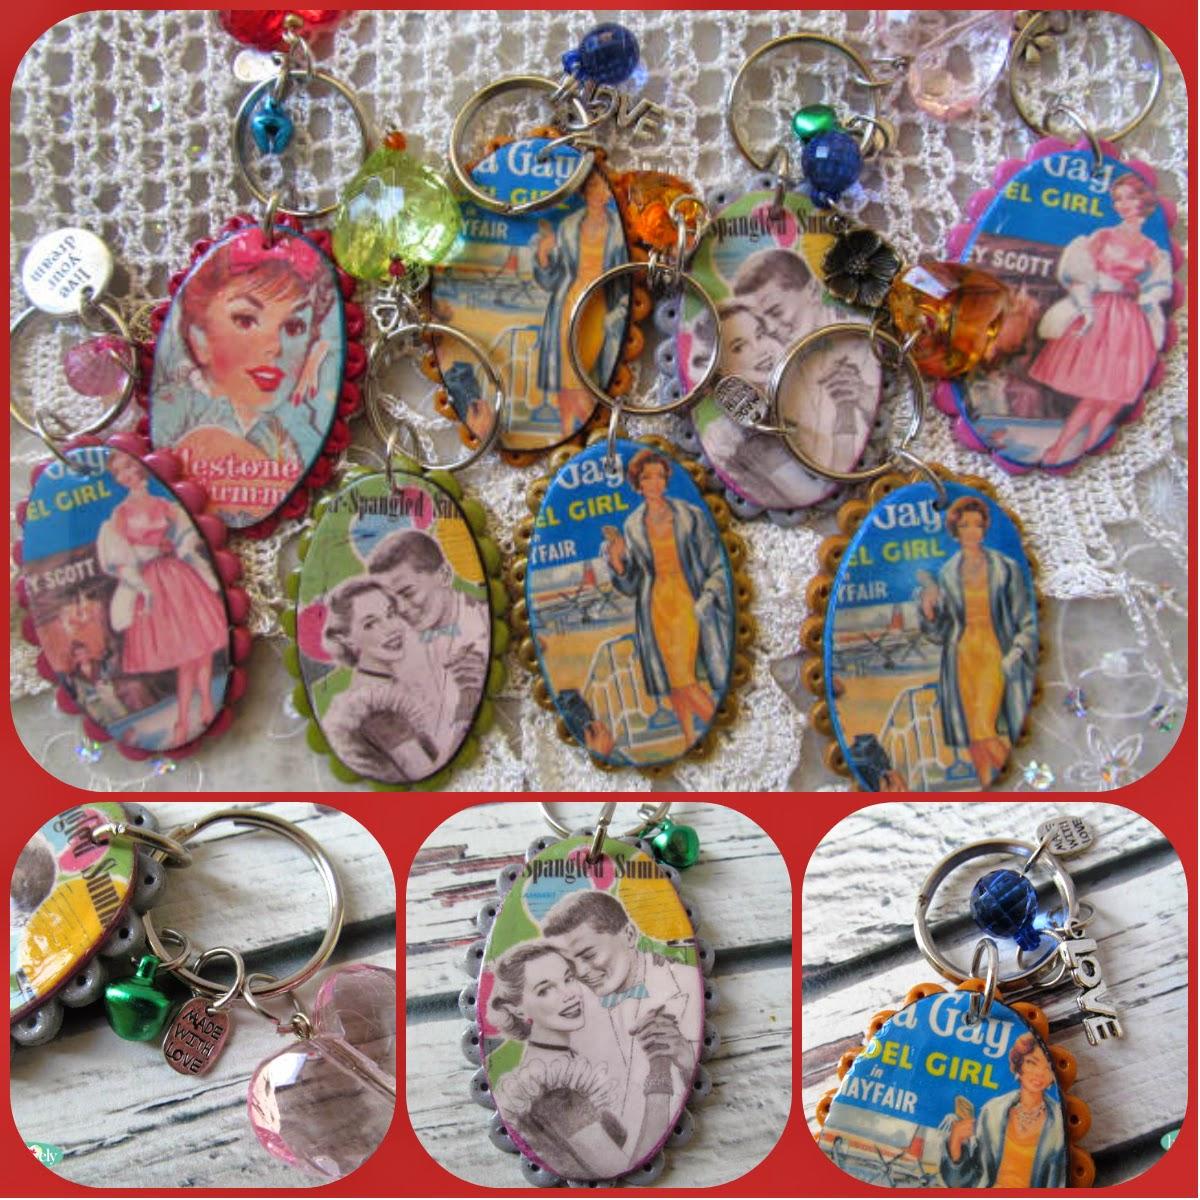 חימר פולימרי, מחזיקי מפתחות,פימו, ניירות העברה, הילה בושרי,hillovely,